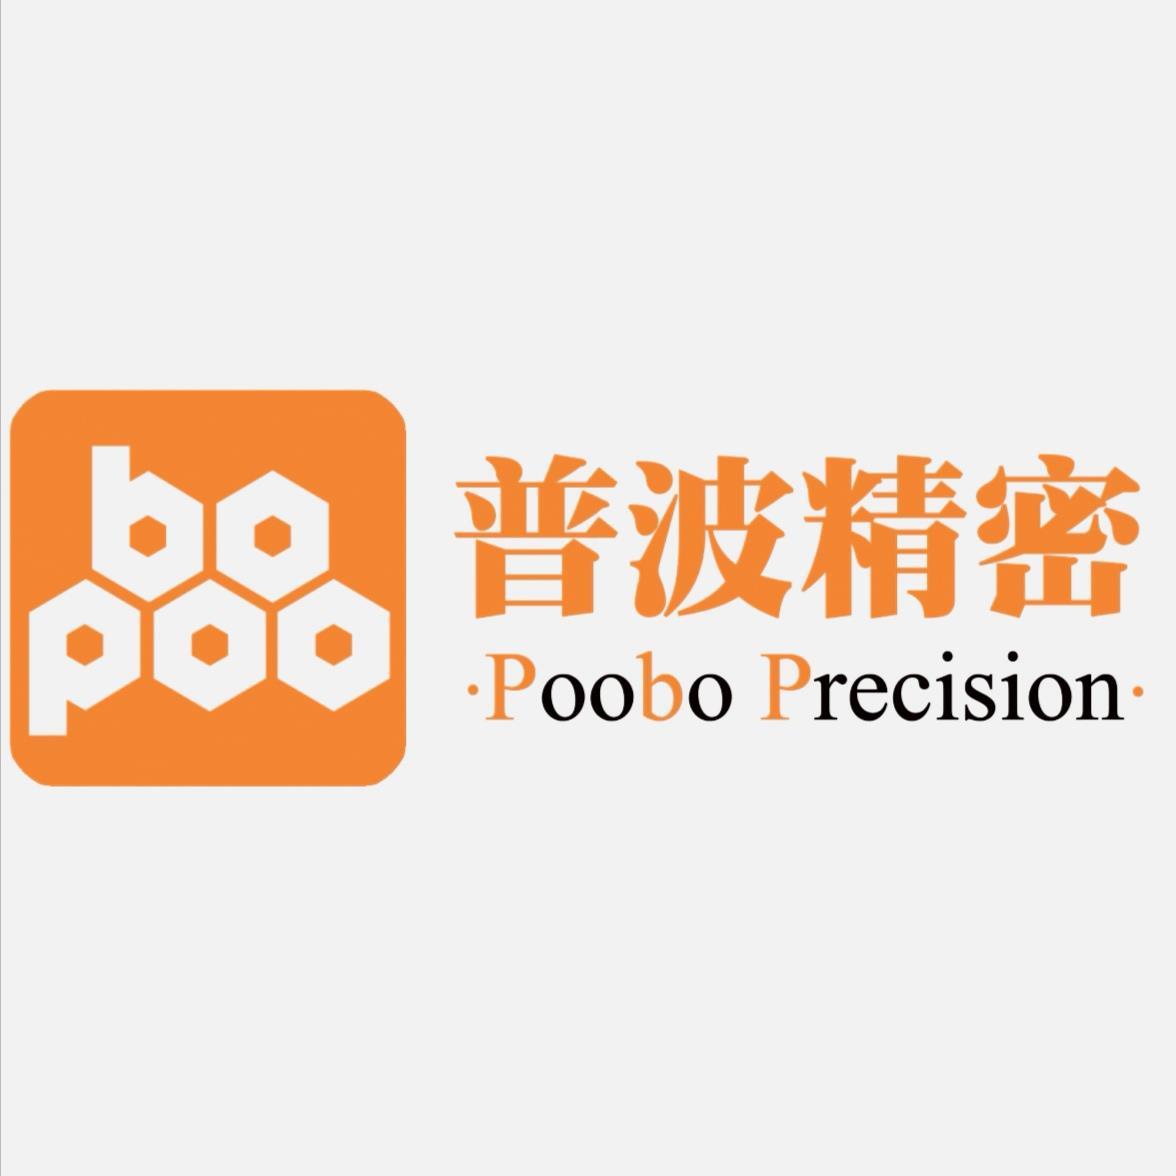 飞仕宝自动化设备(深圳)有限公司